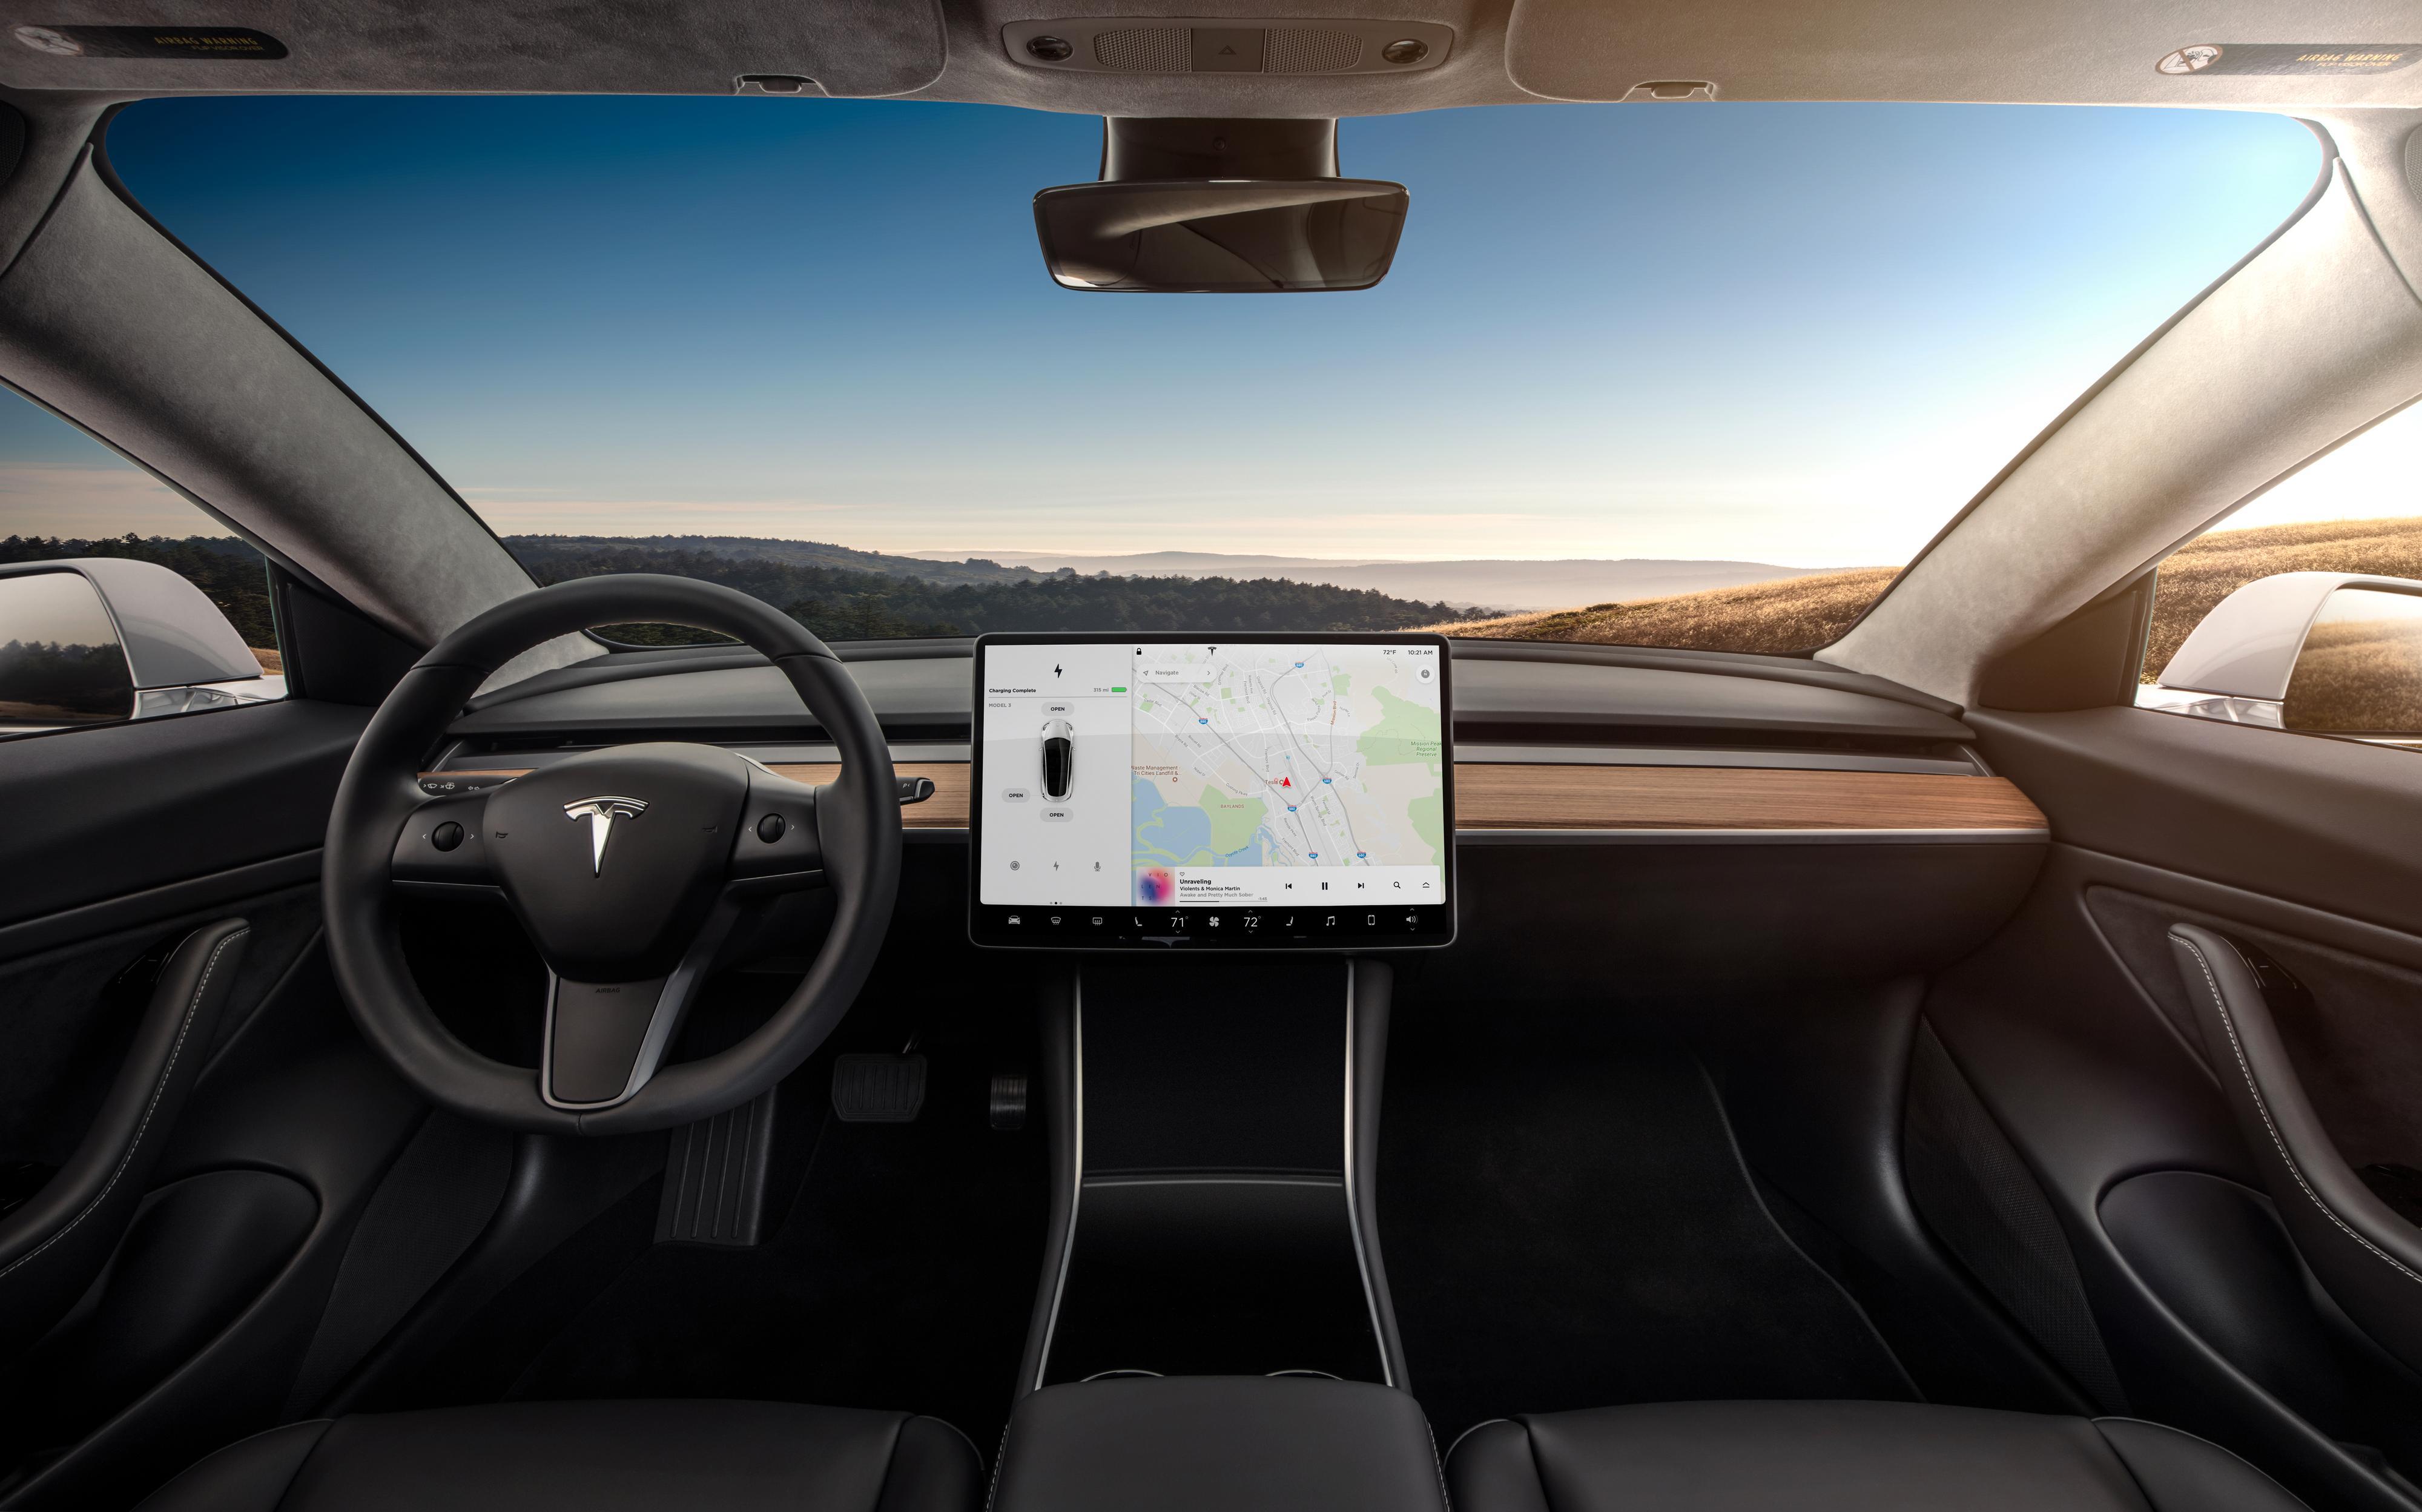 Dashbordet i Model 3 er sannsynligvis det mest minimalistiske vi har sett i noen bil. Bilde: Tesla